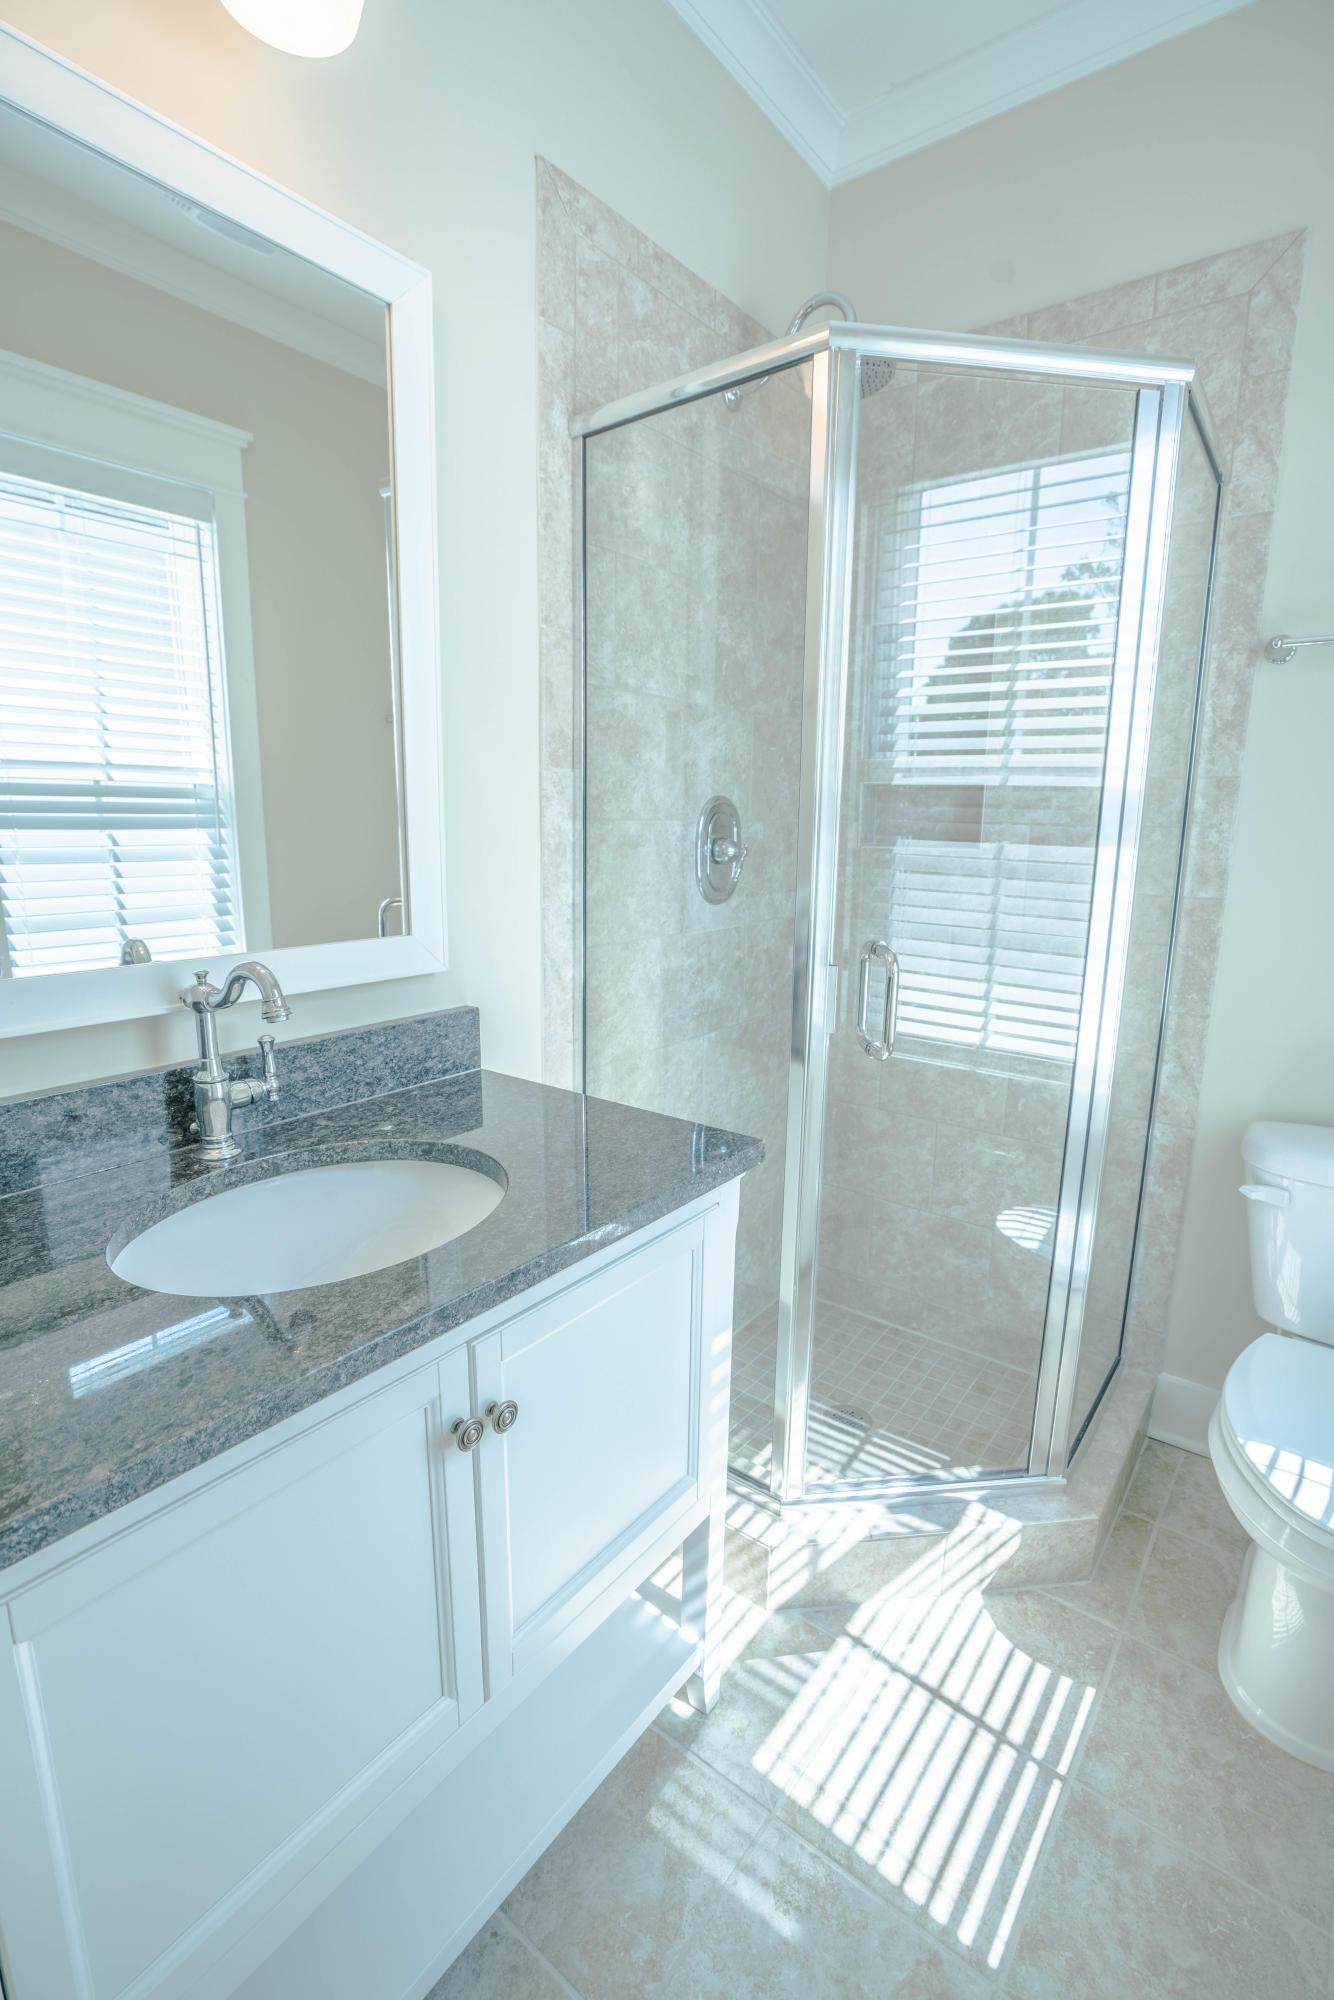 Warrick Oaks Homes For Sale - 966 Warrick Oaks, Mount Pleasant, SC - 25